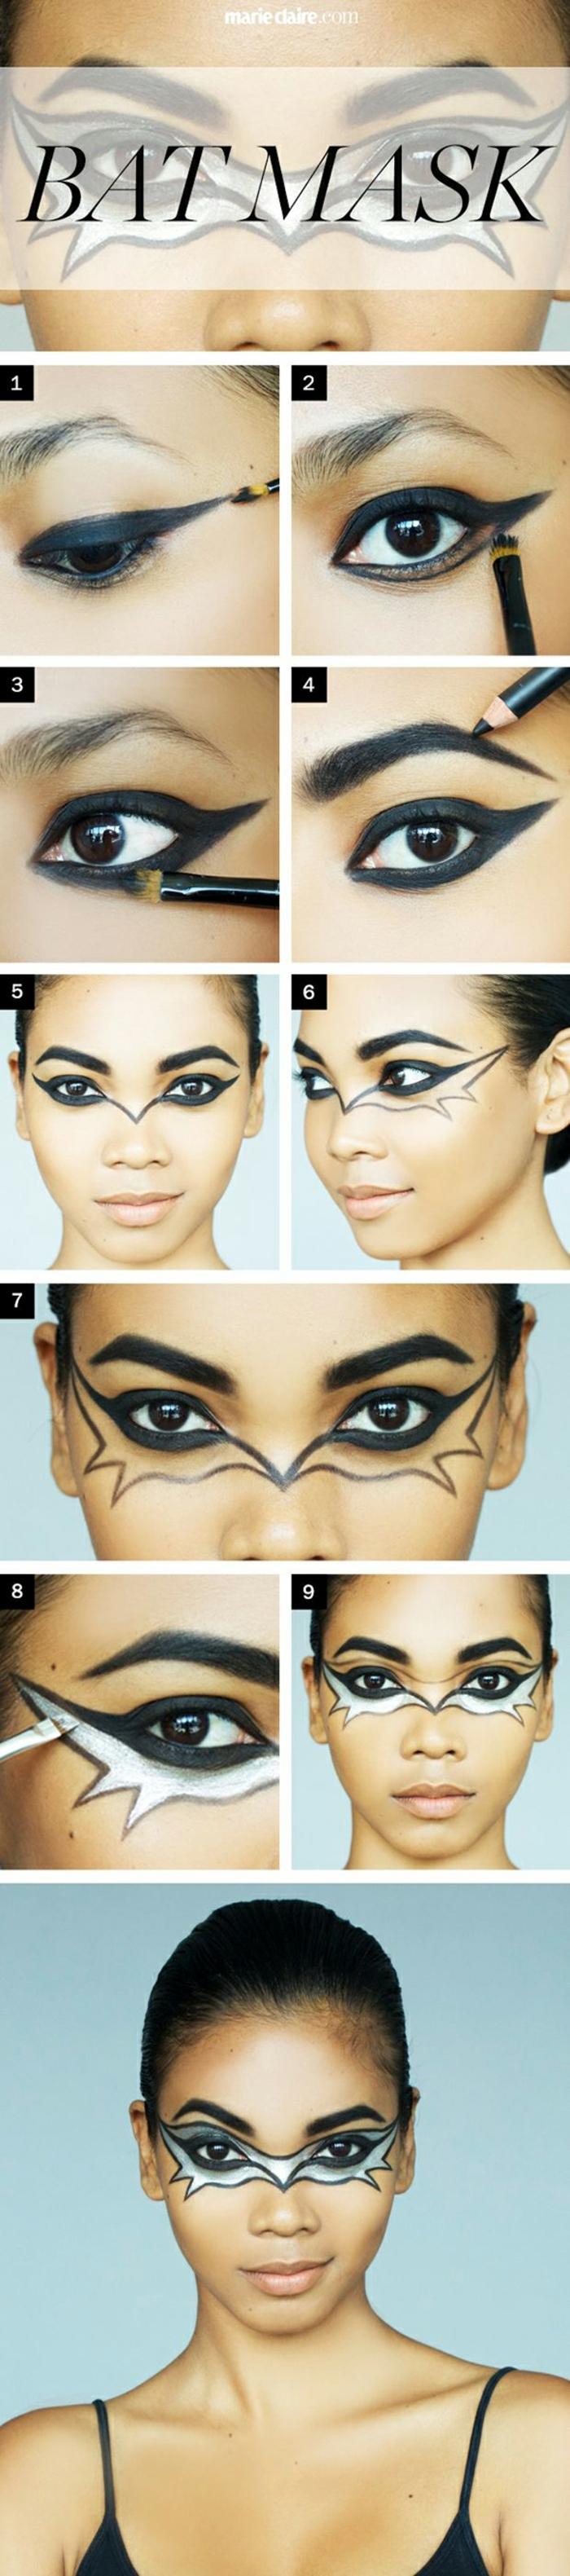 maquillaje zombie, paso a paso maquillaje con máscara de murciélago en negro y blanco